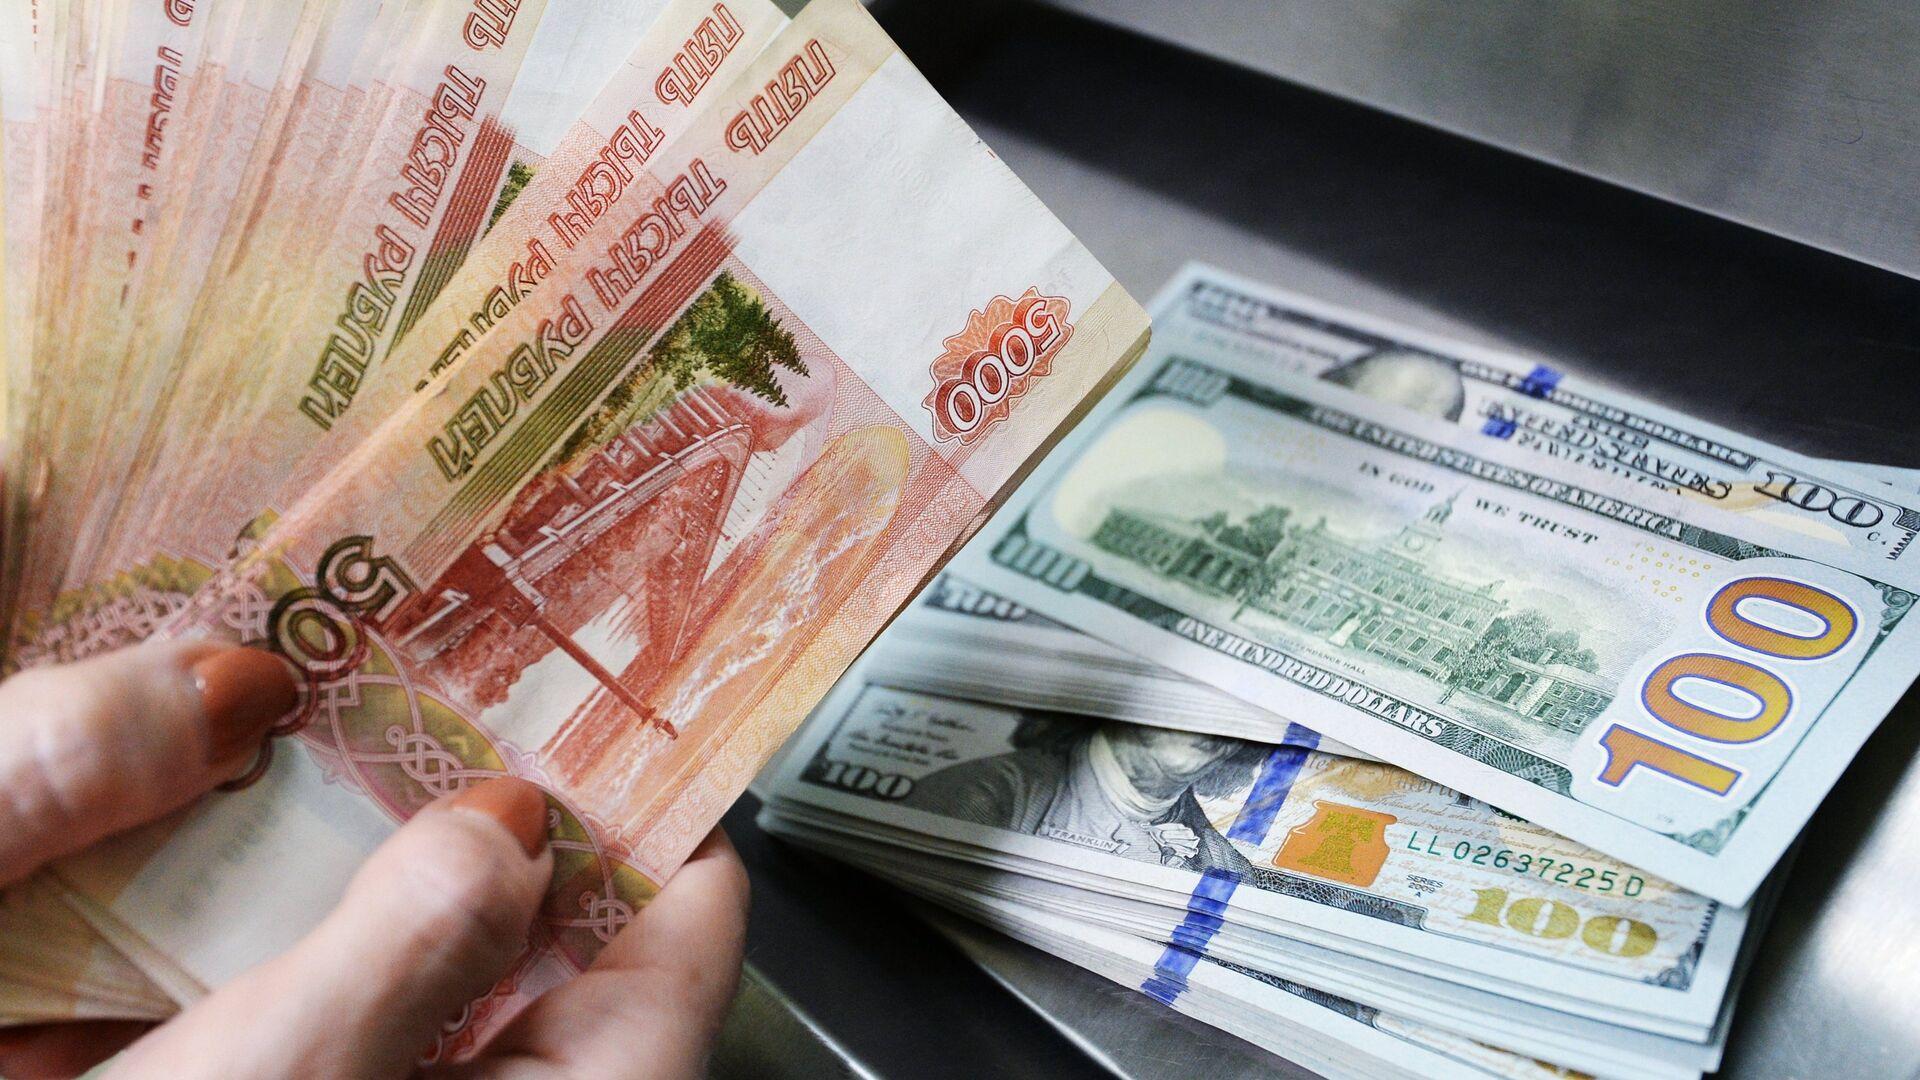 Доллары США и рубли в кассе - РИА Новости, 1920, 22.03.2021